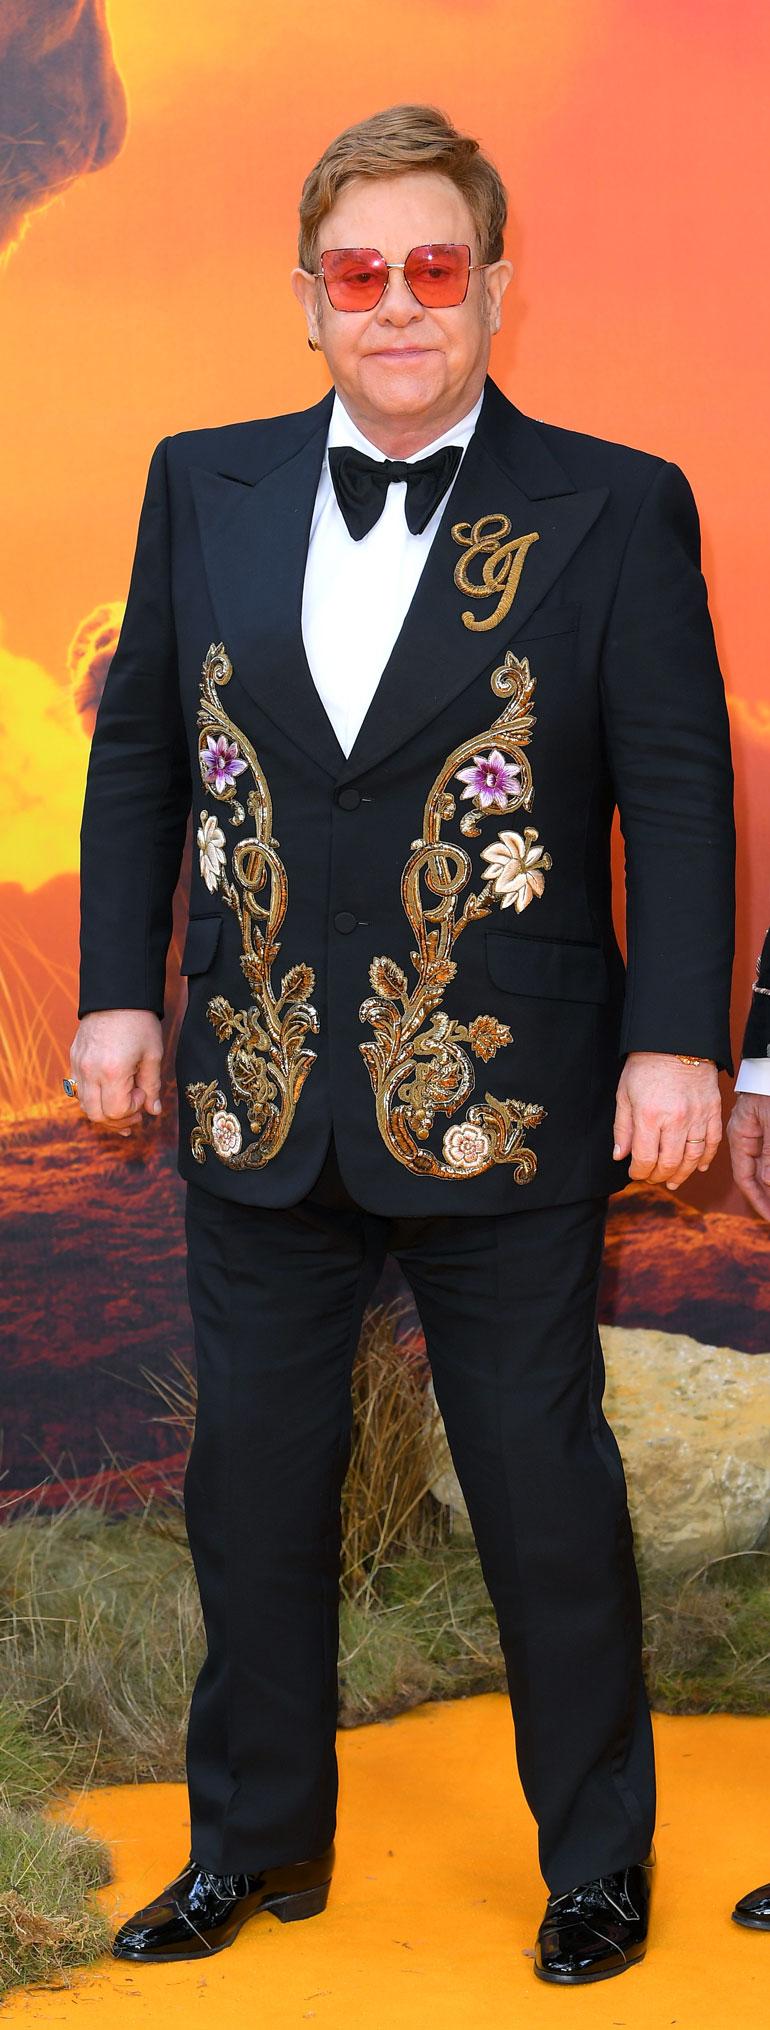 Monet julkkikset ovat Elton Johnin johdolla liittyneet herttuaparin puolustusjoukkoihin. Mukana ovat esimerkiksi George Clooney, Hillary Clinton, talkshow-emäntä Elle DeGeneres ja laulaja Pink.